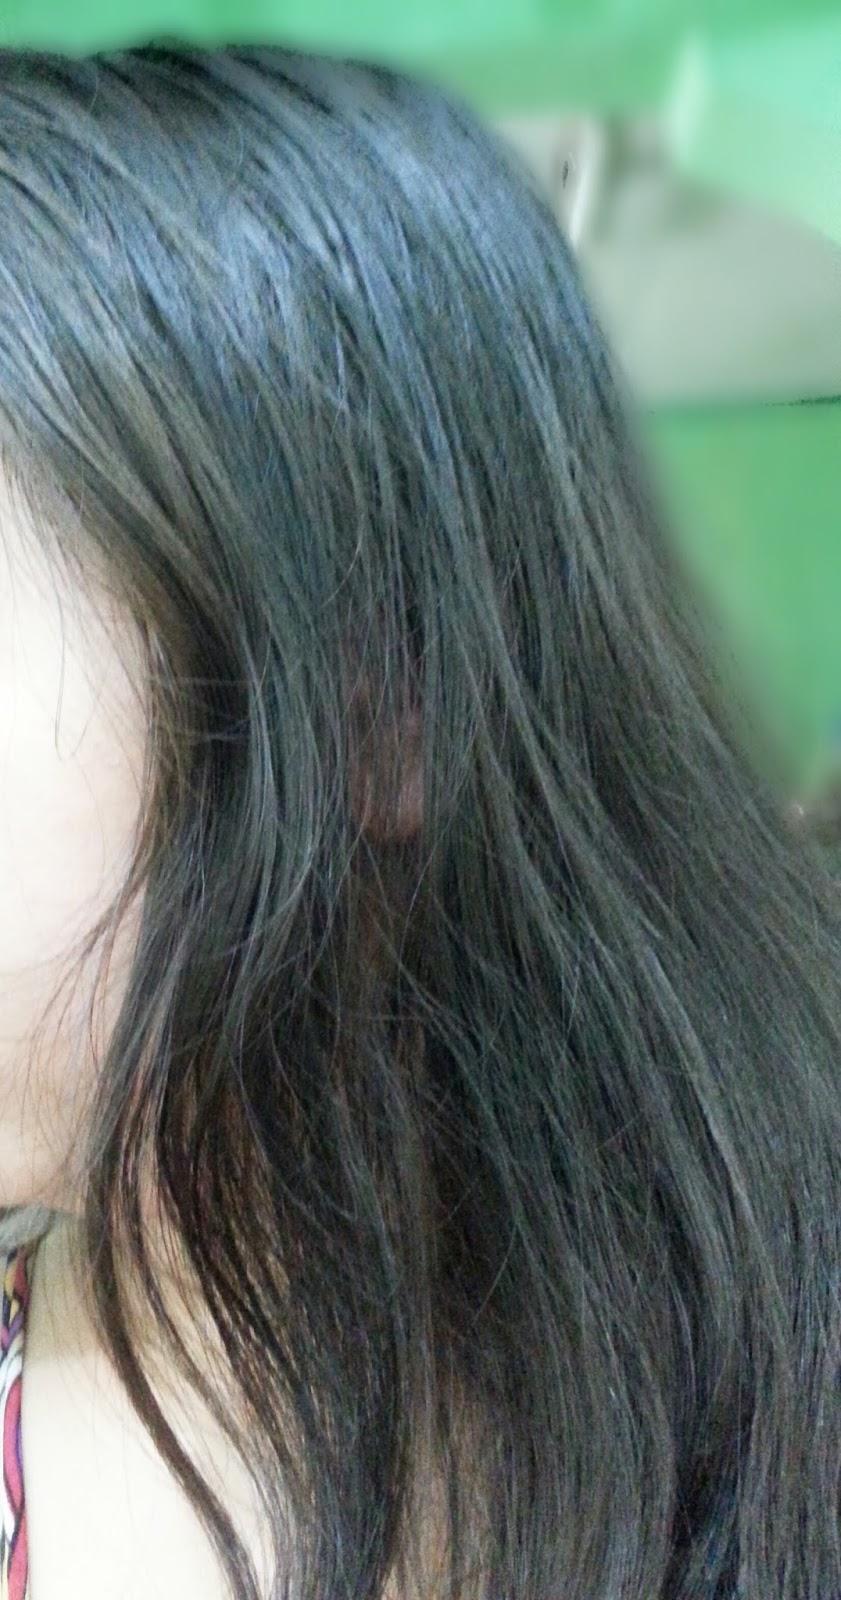 NiceLadiesThings Review Kolours Dual Conditioning Hair Color In Medium Brown